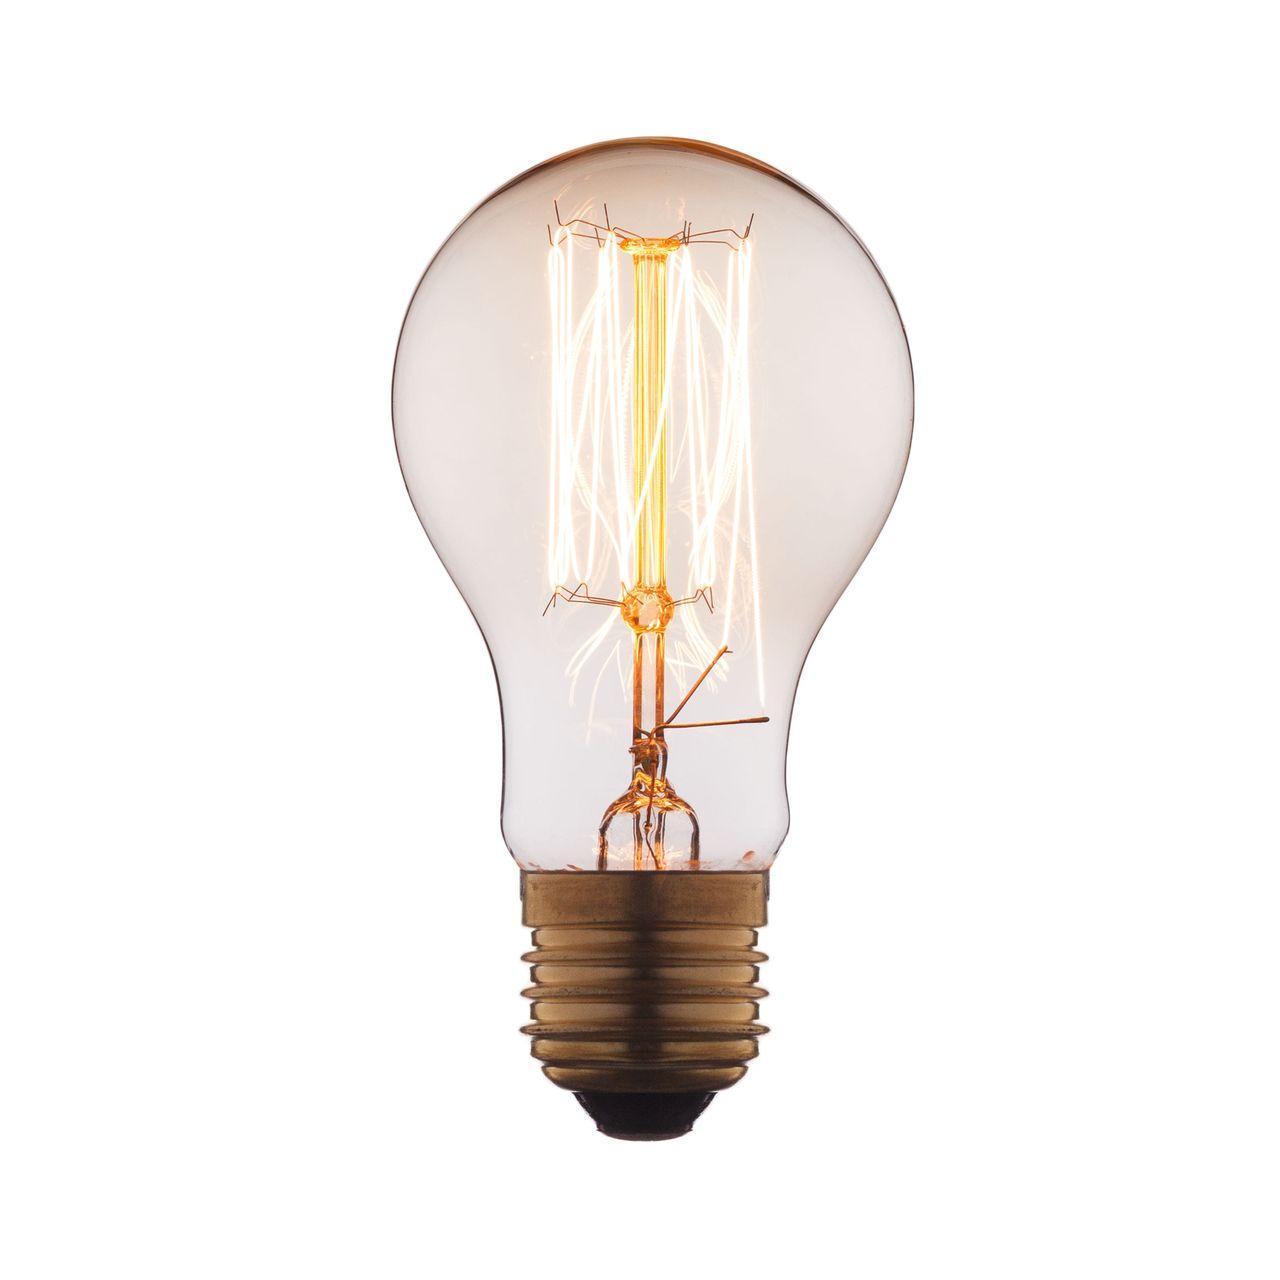 Лампа накаливания E27 60W прозрачная 1004-T loft it лампа накаливания loft it груша прозрачная e27 60w 1004 c